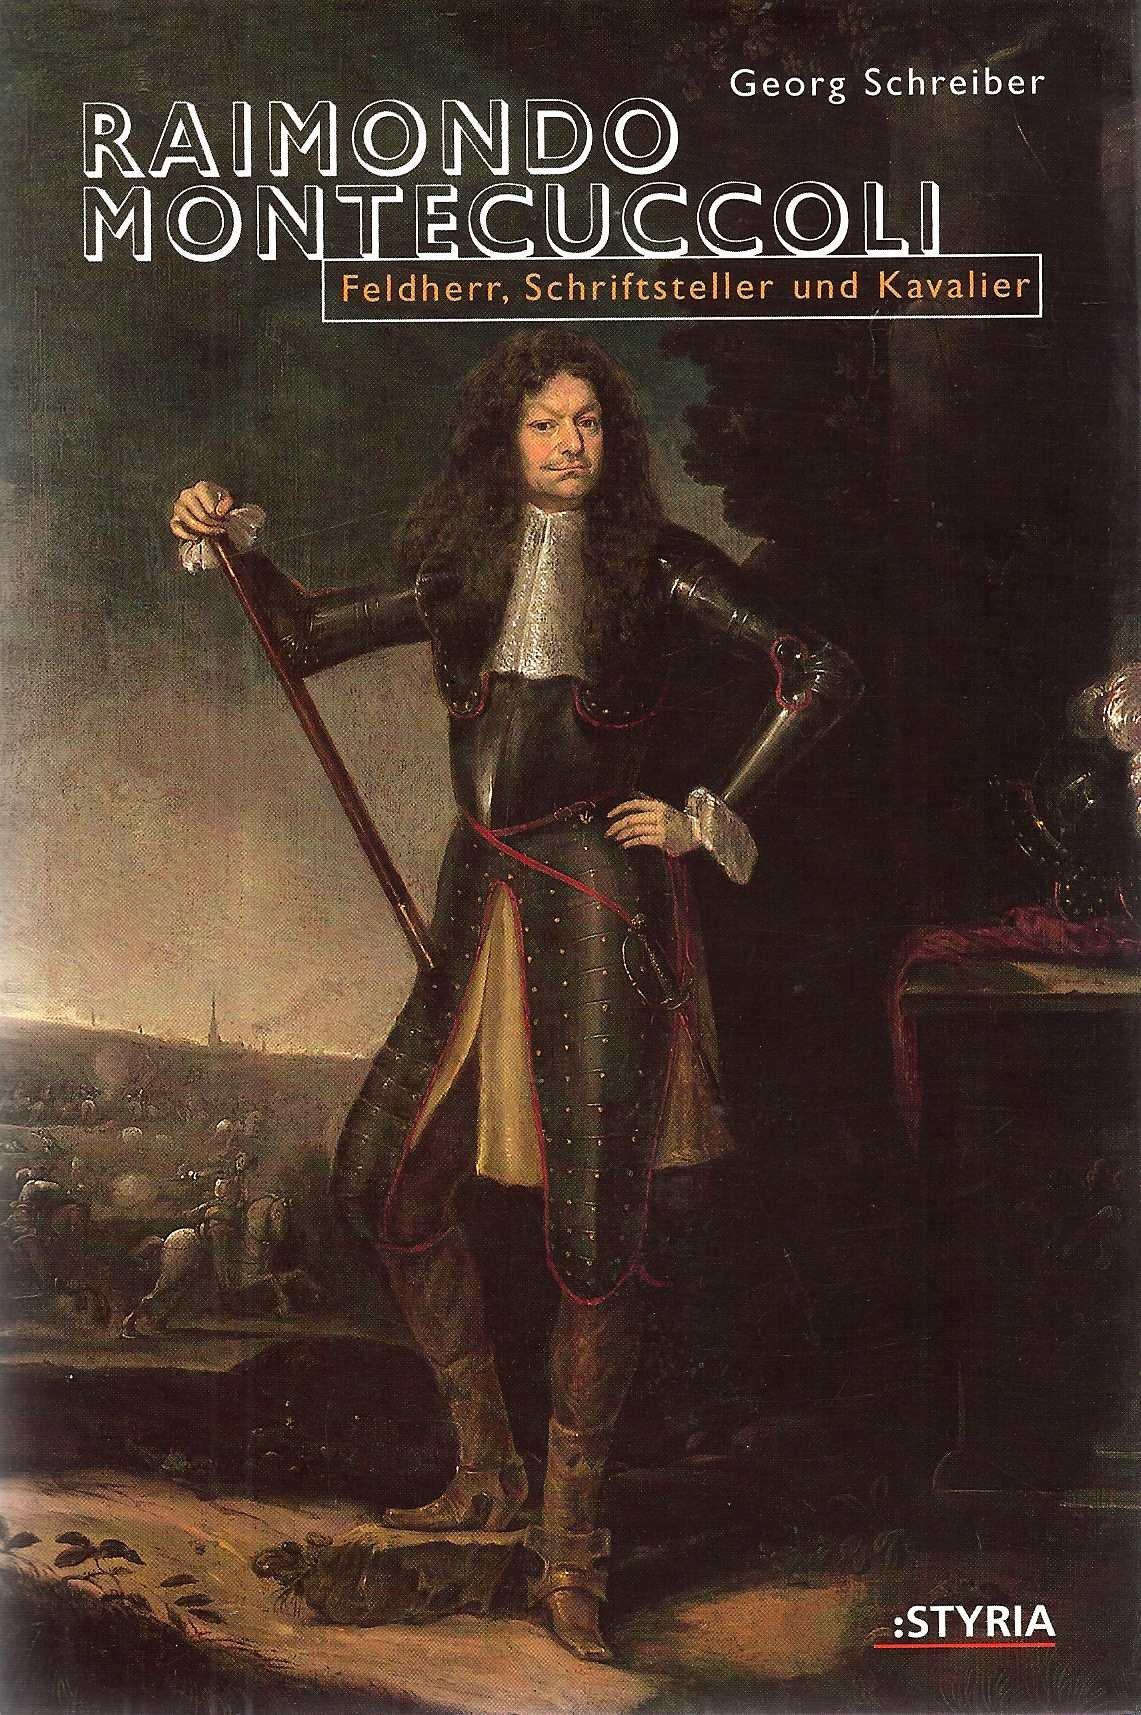 Raimondo Montecuccoli. Feldherr, Schriftsteller und Kavalier. Ein Lebensbild aus dem Barock